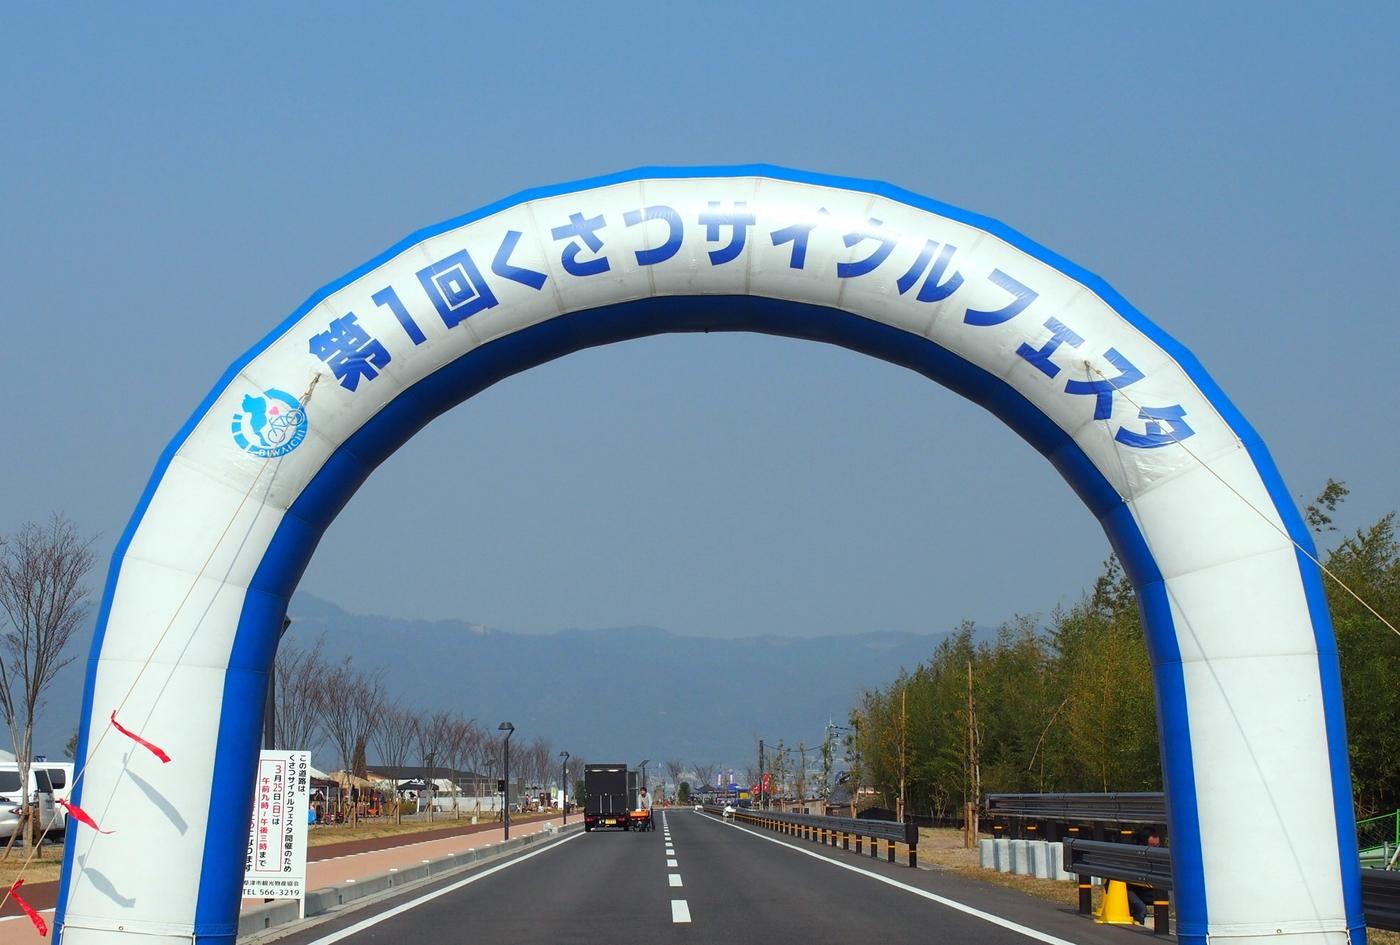 くさつサイクルフェスタ | 滋賀(草津川跡地公園 ai彩ひろば)